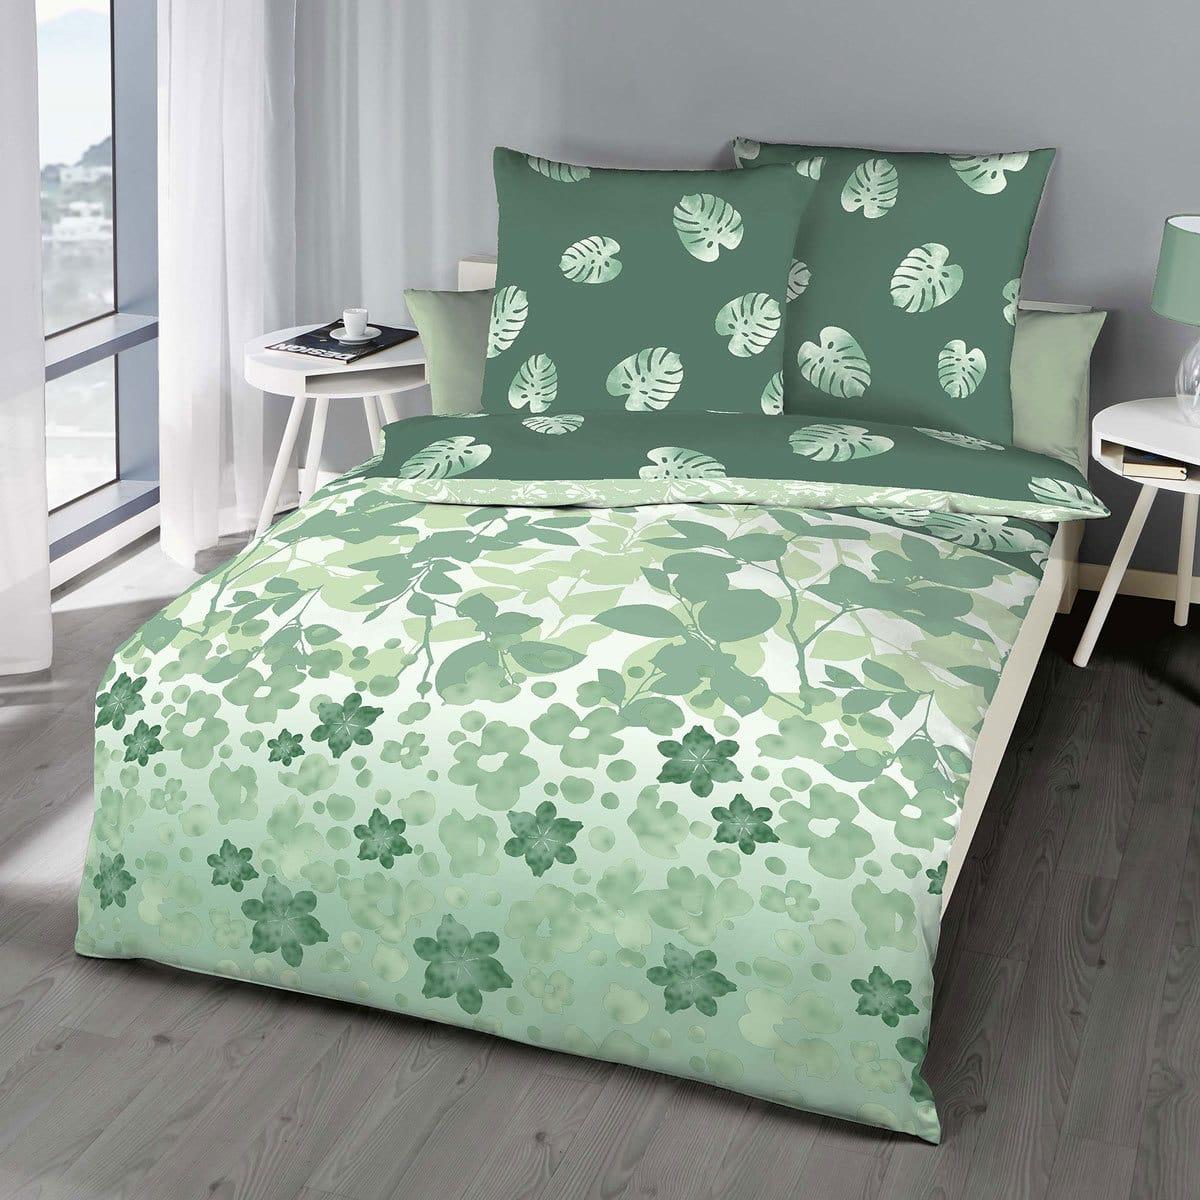 Kaeppel Mako-Satin Bettwäsche Jungle Flower jade